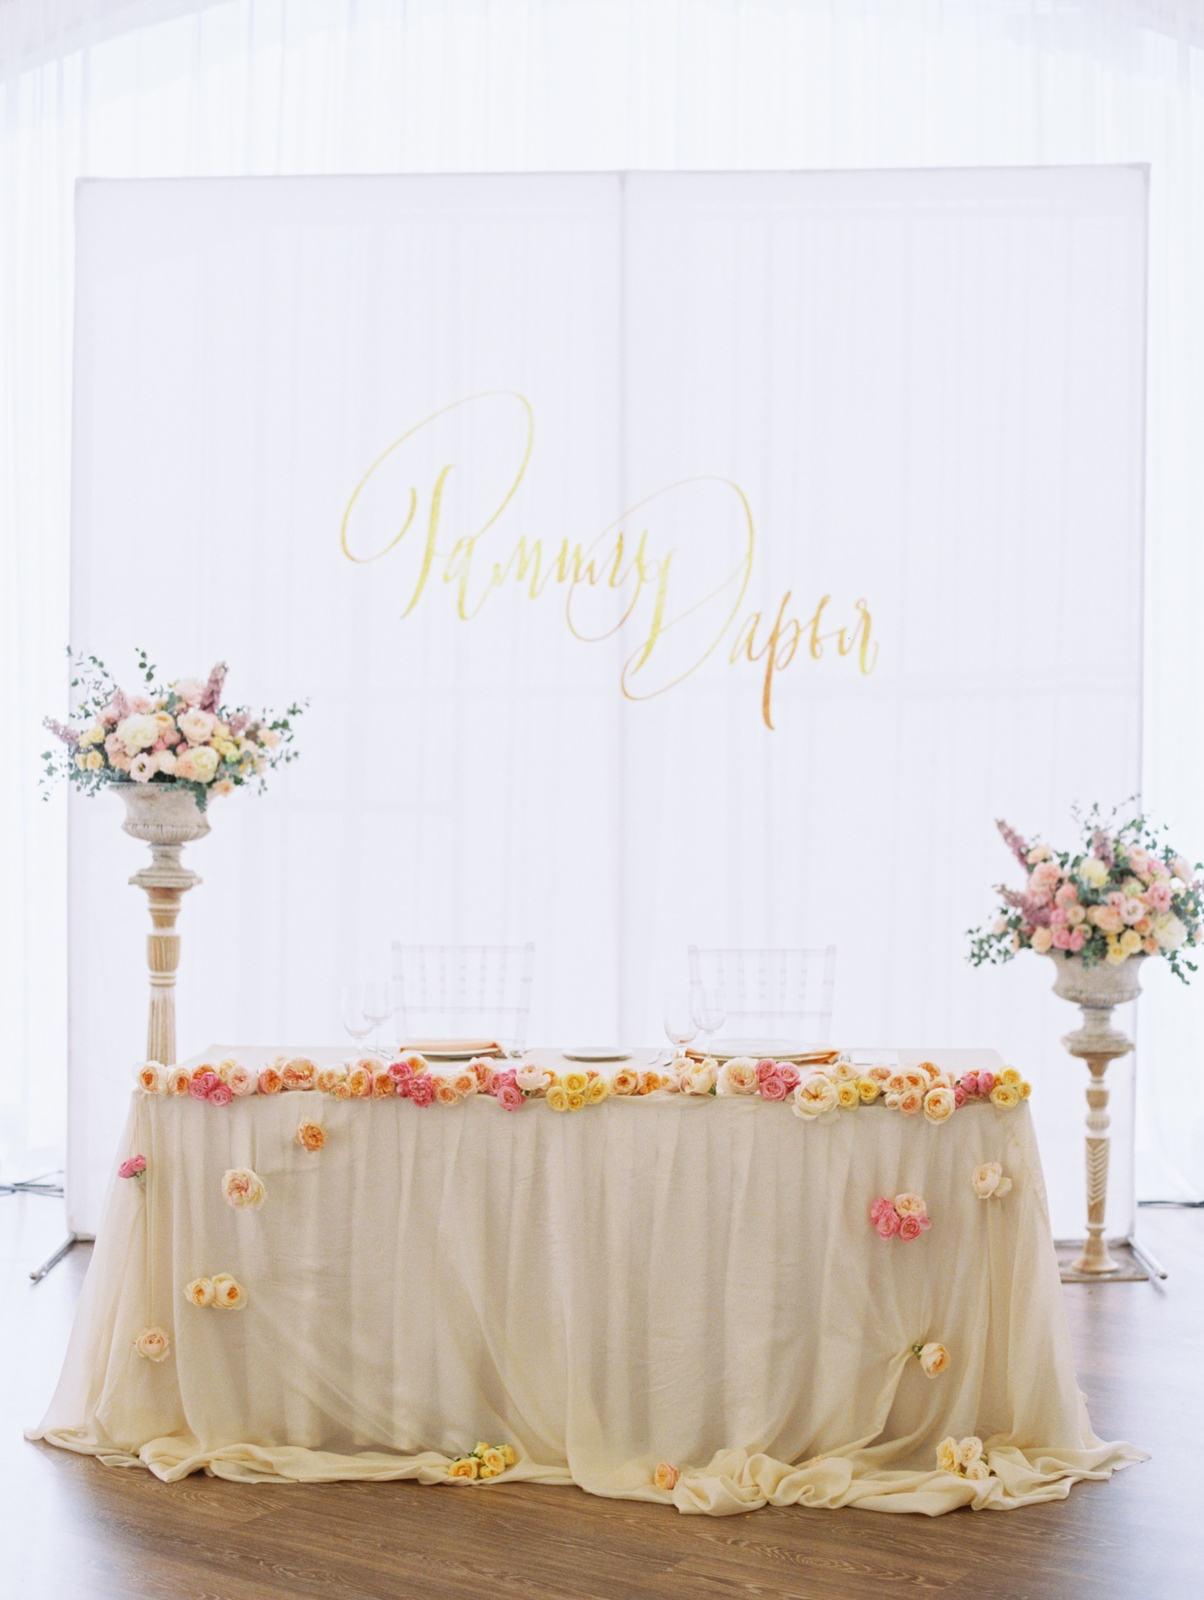 Бюджет на свадебный декор: 3 варианта с примерами от студии Sweet William